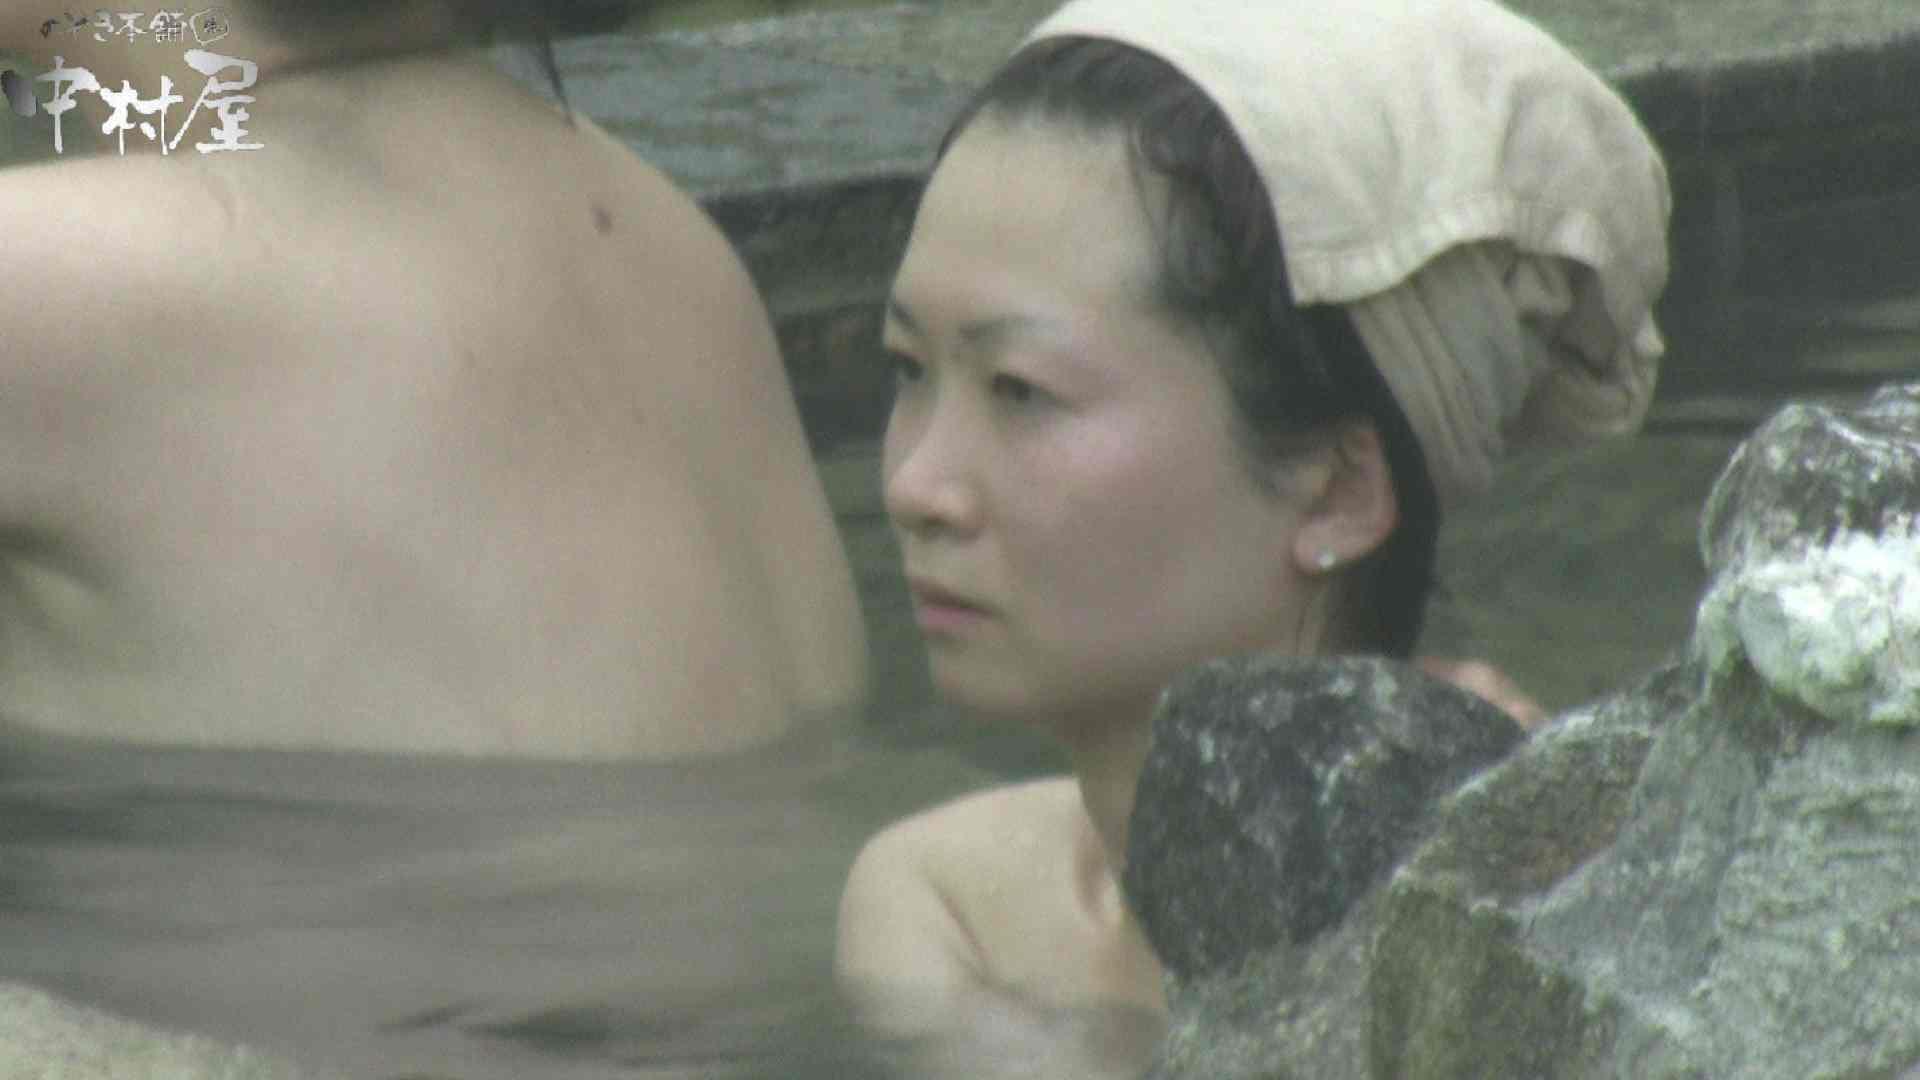 Aquaな露天風呂Vol.906 OLエロ画像 | 露天  29PICs 28